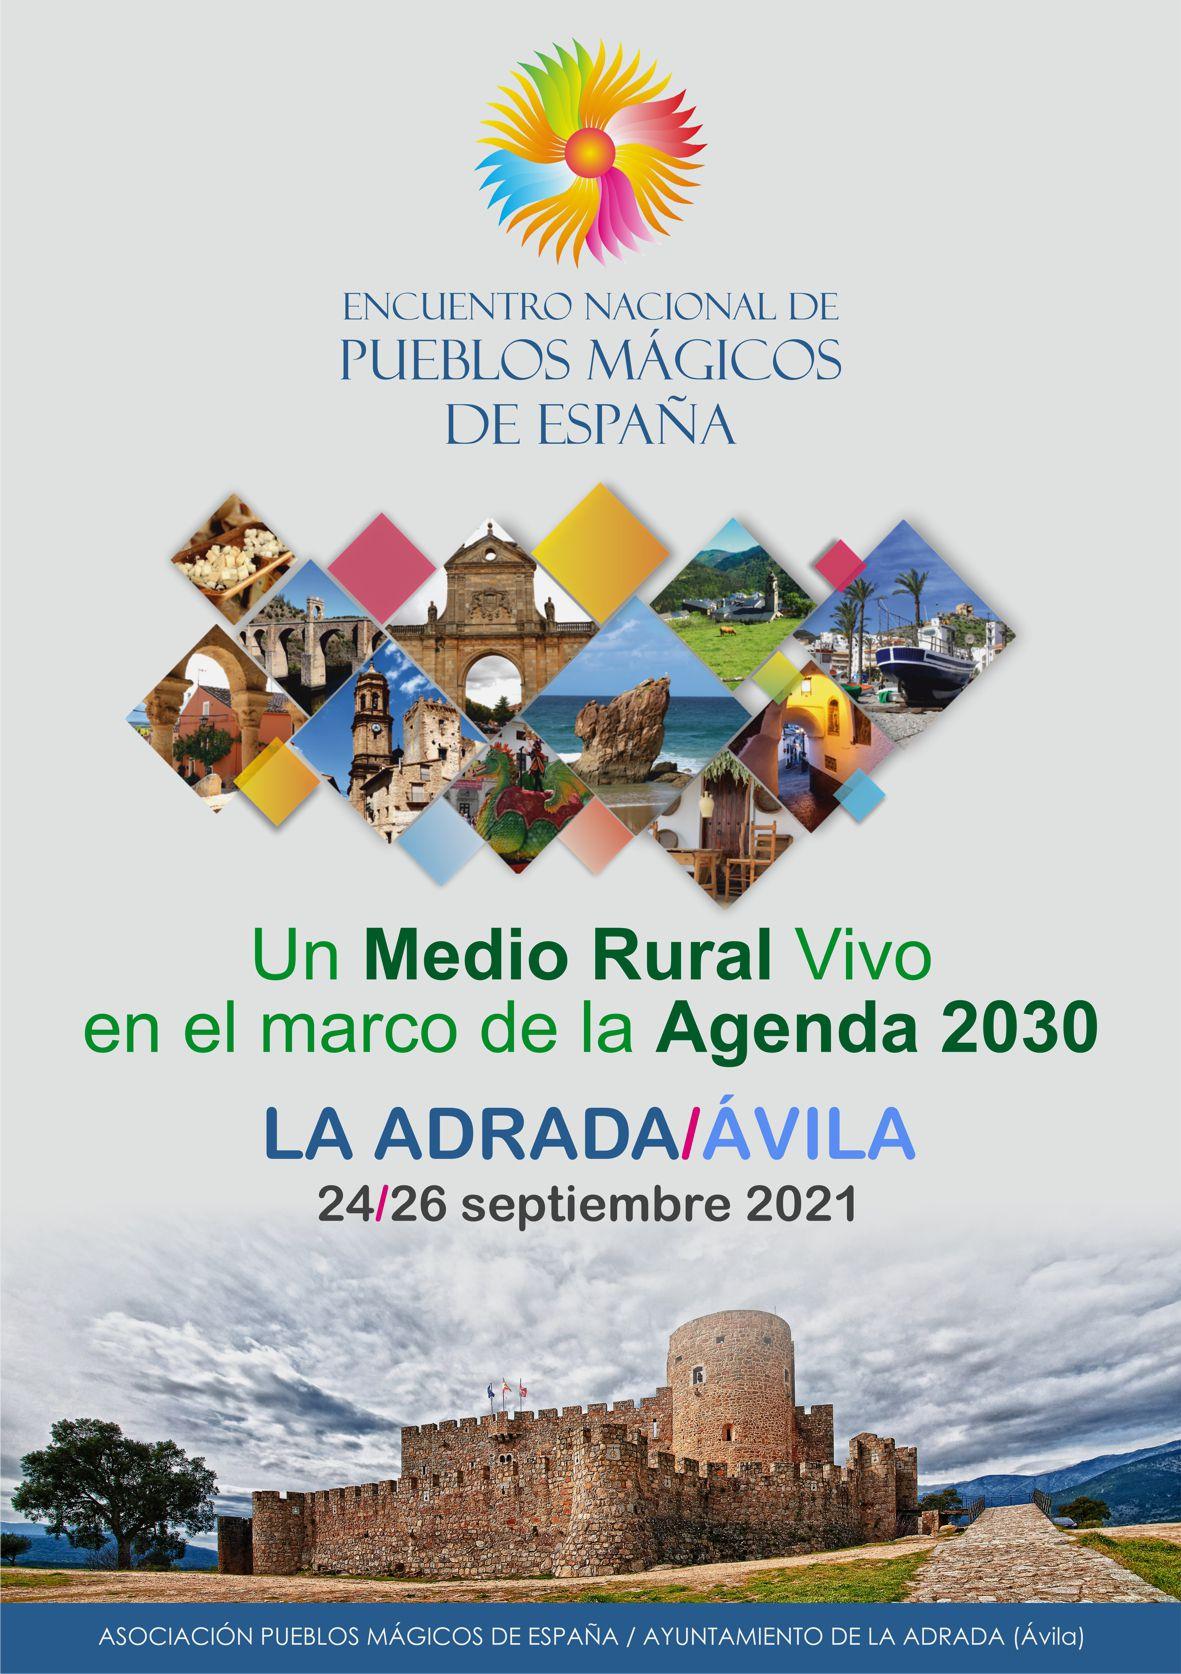 """Encuentro anual de """"Pueblos Mágicos de España"""" en La Adrada el 24, 25 y 26 de septiembre de 2021 con representación de más de 100 localidades"""